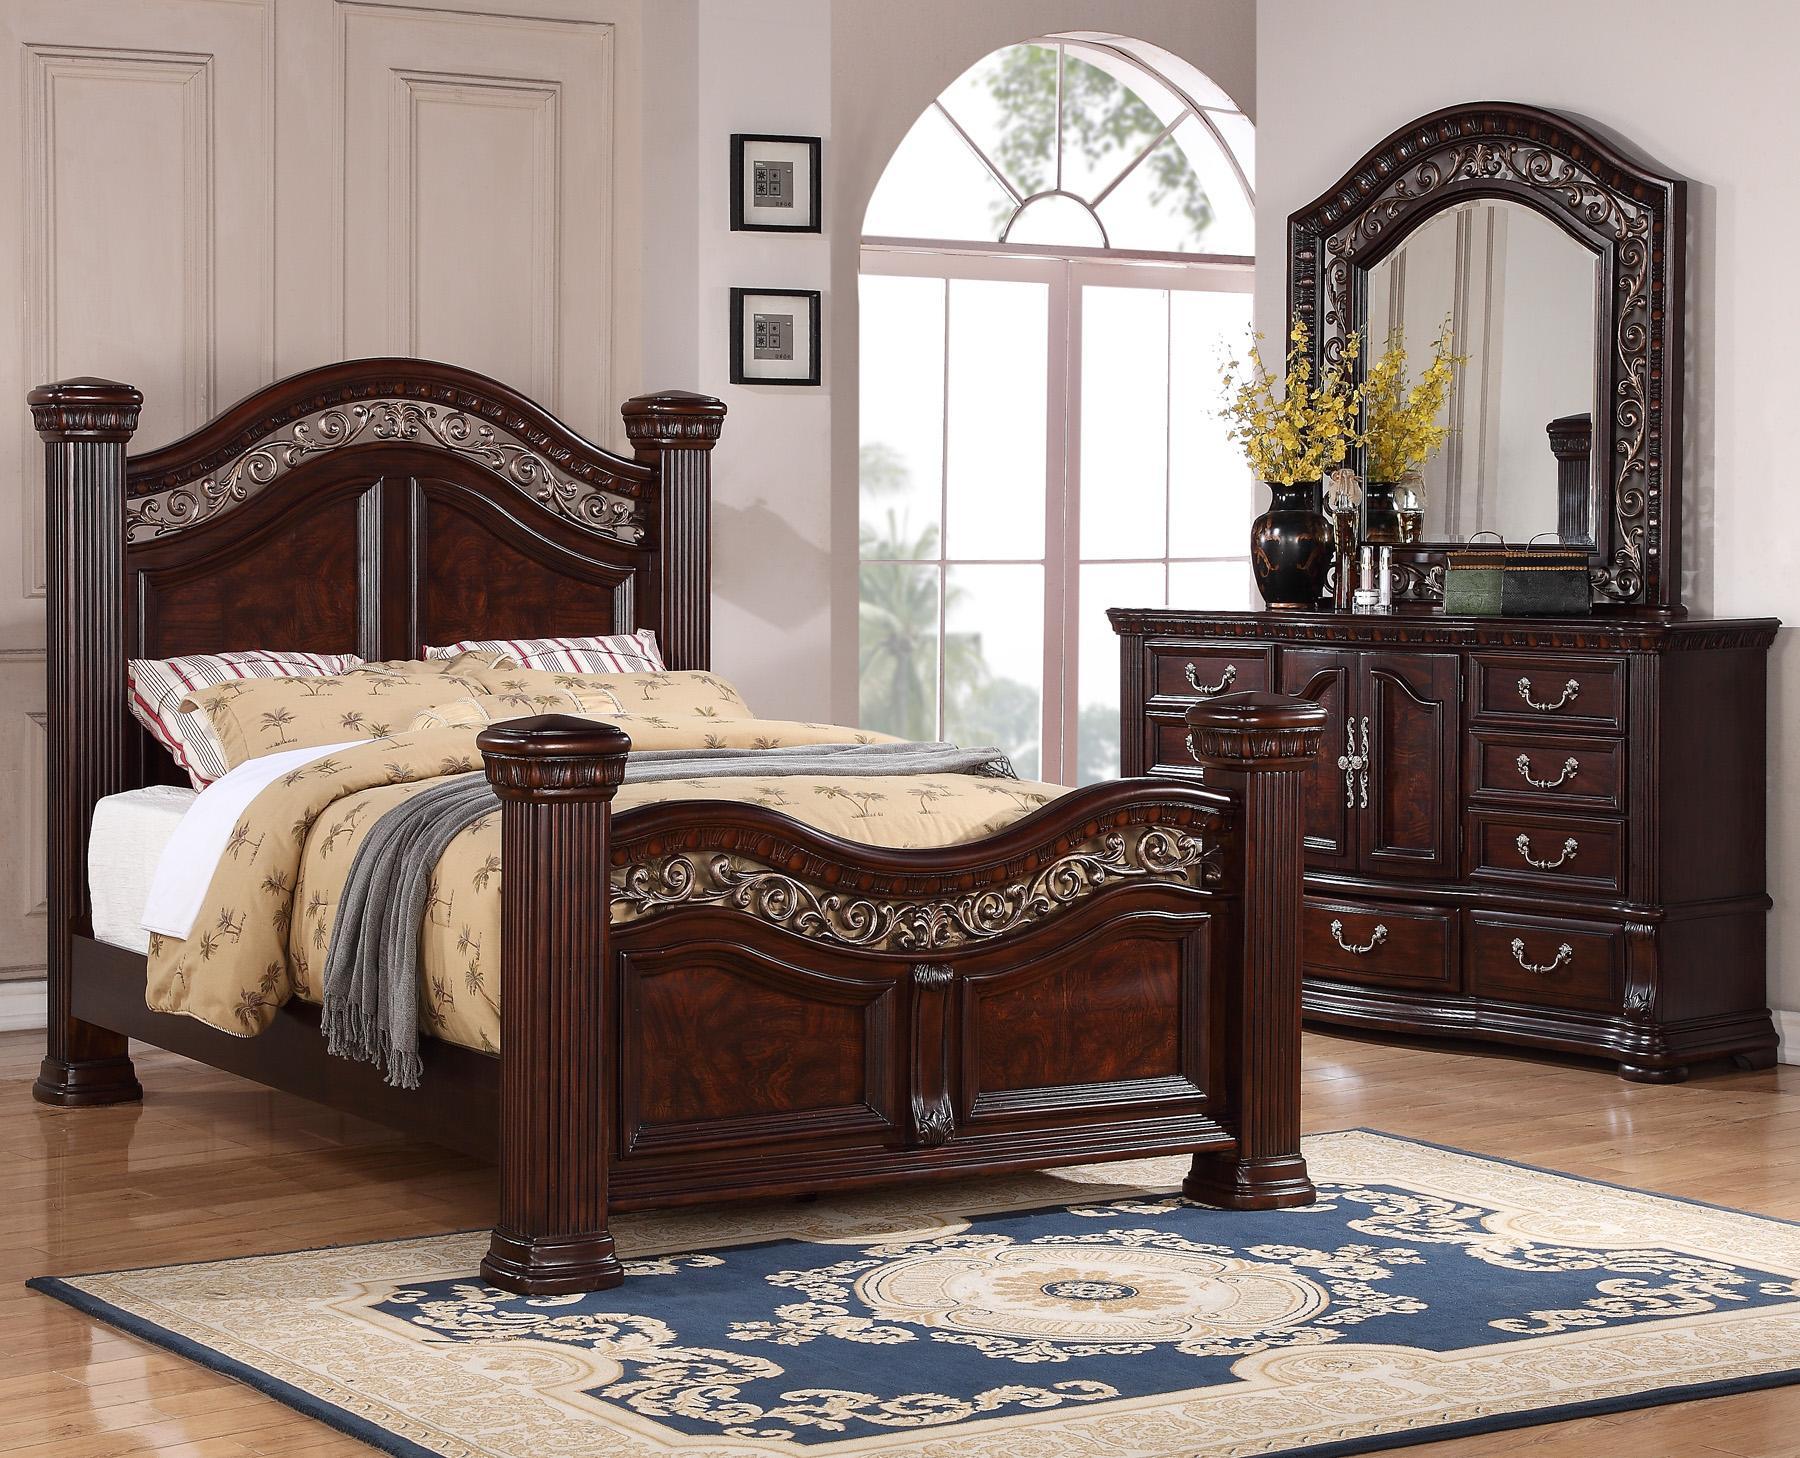 Flexsteel Wynwood Collection Alicante 3 Piece Bedroom Group With Queen Bed And Dresser Mirror Ahfa Dealer Locator